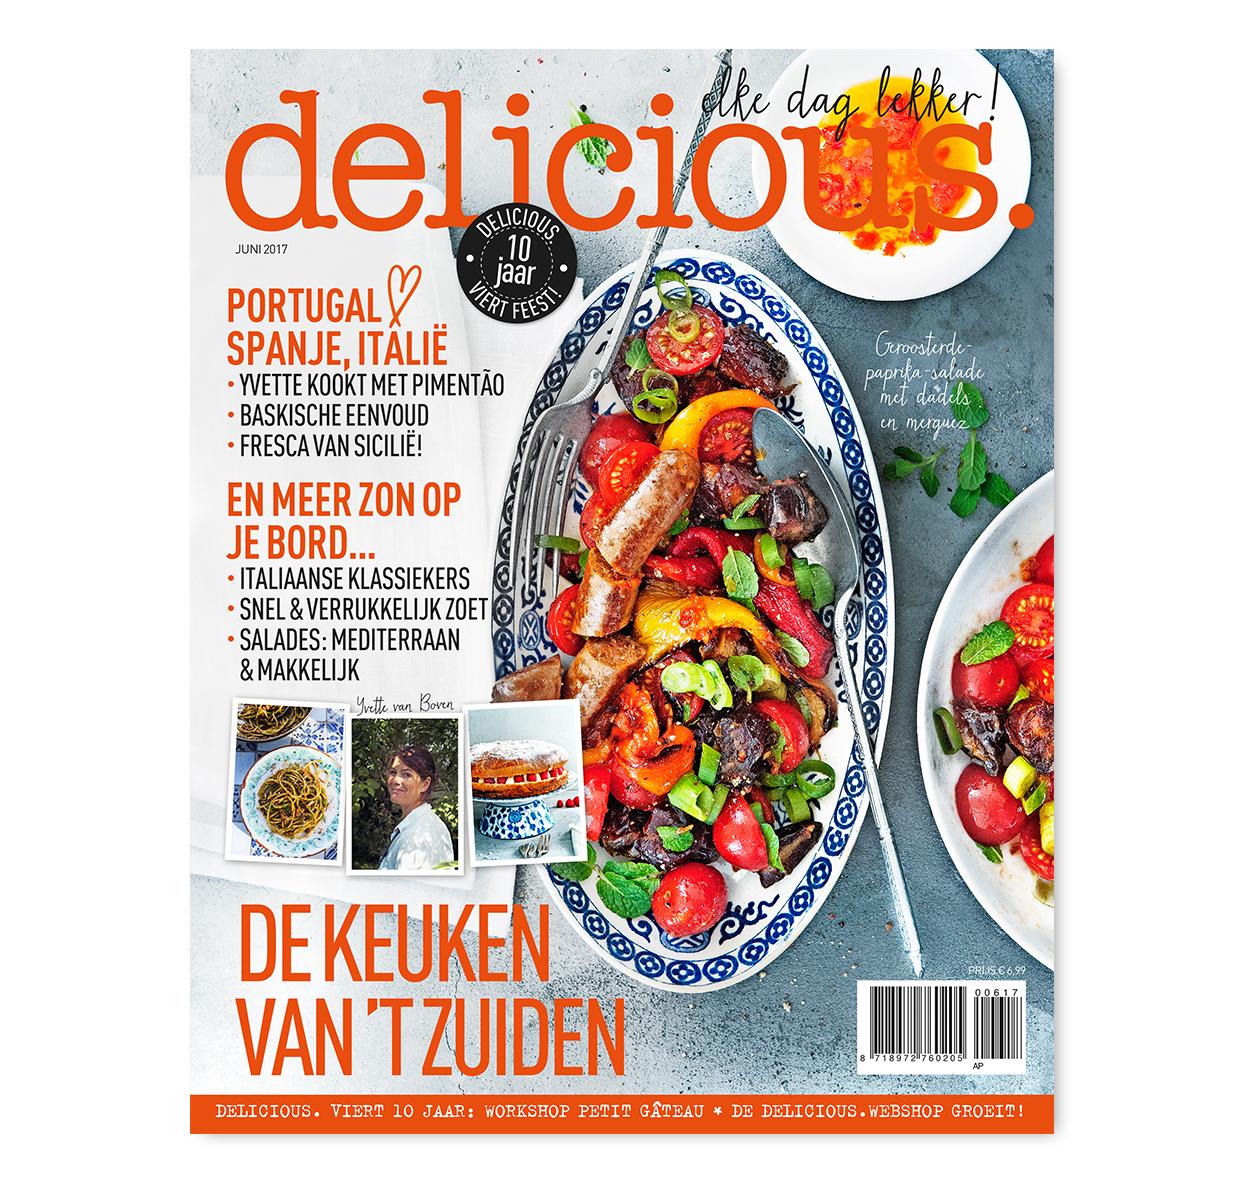 Afbeeldingsresultaat voor delicious magazine nederland cover